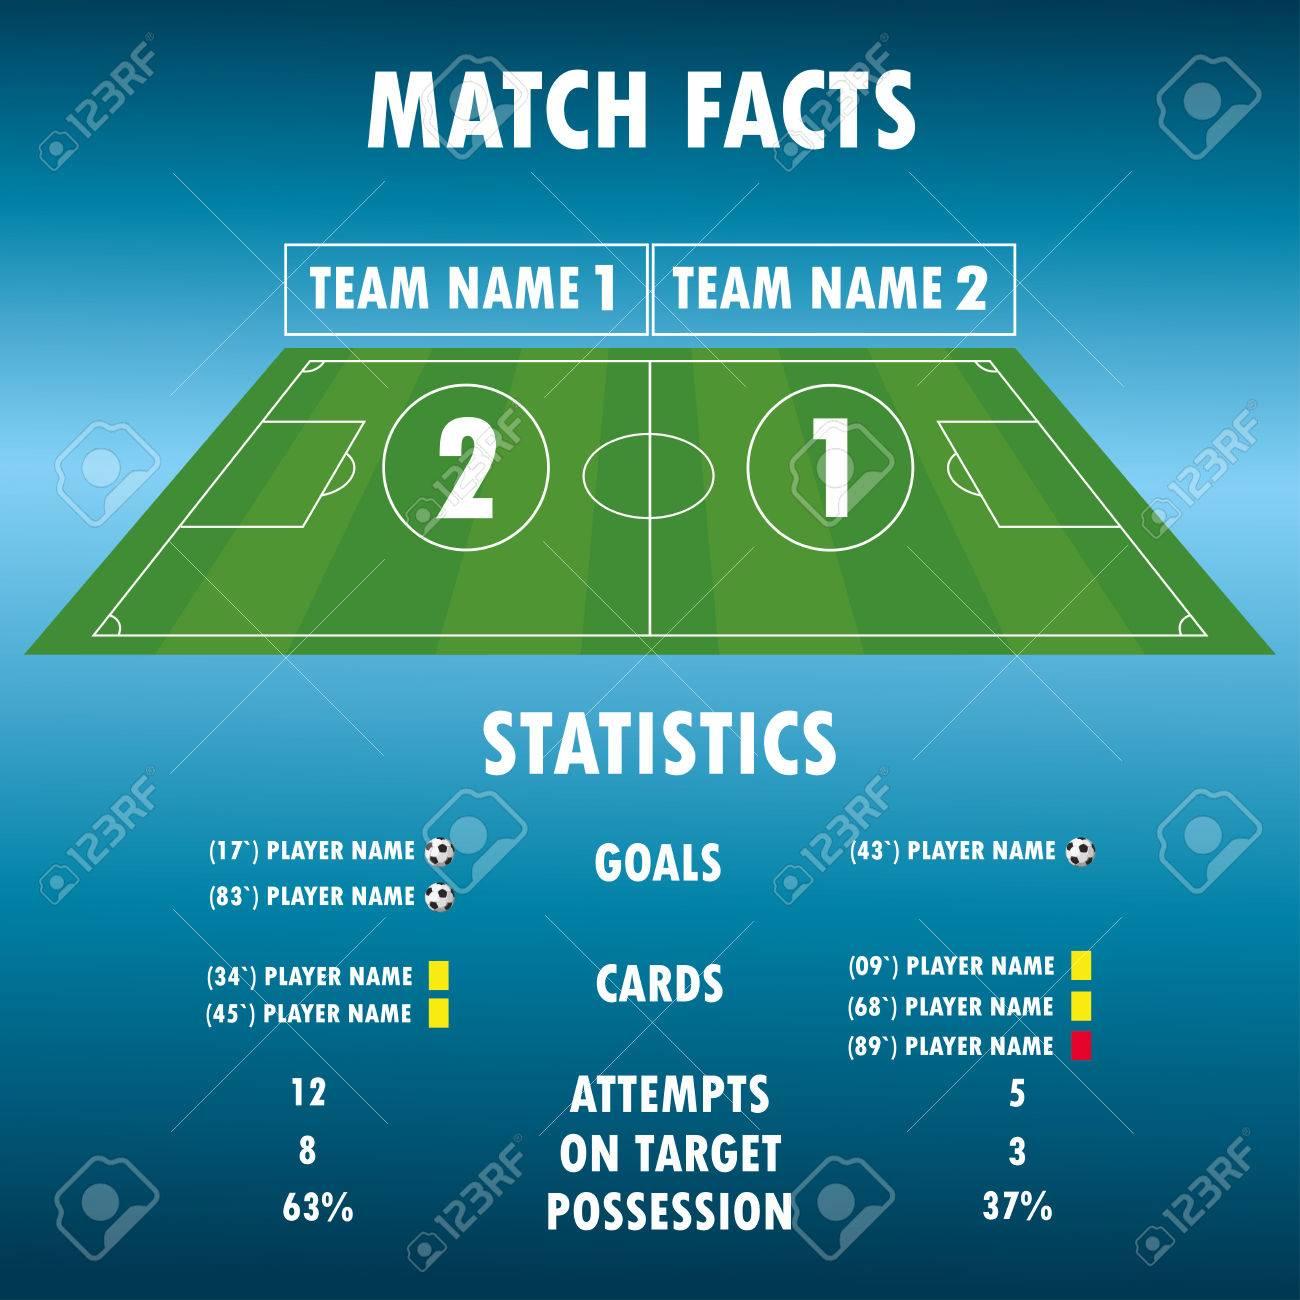 6cce387359d56 Estadísticas del partido de fútbol. Marcador y campo de juego. Fondo  digital